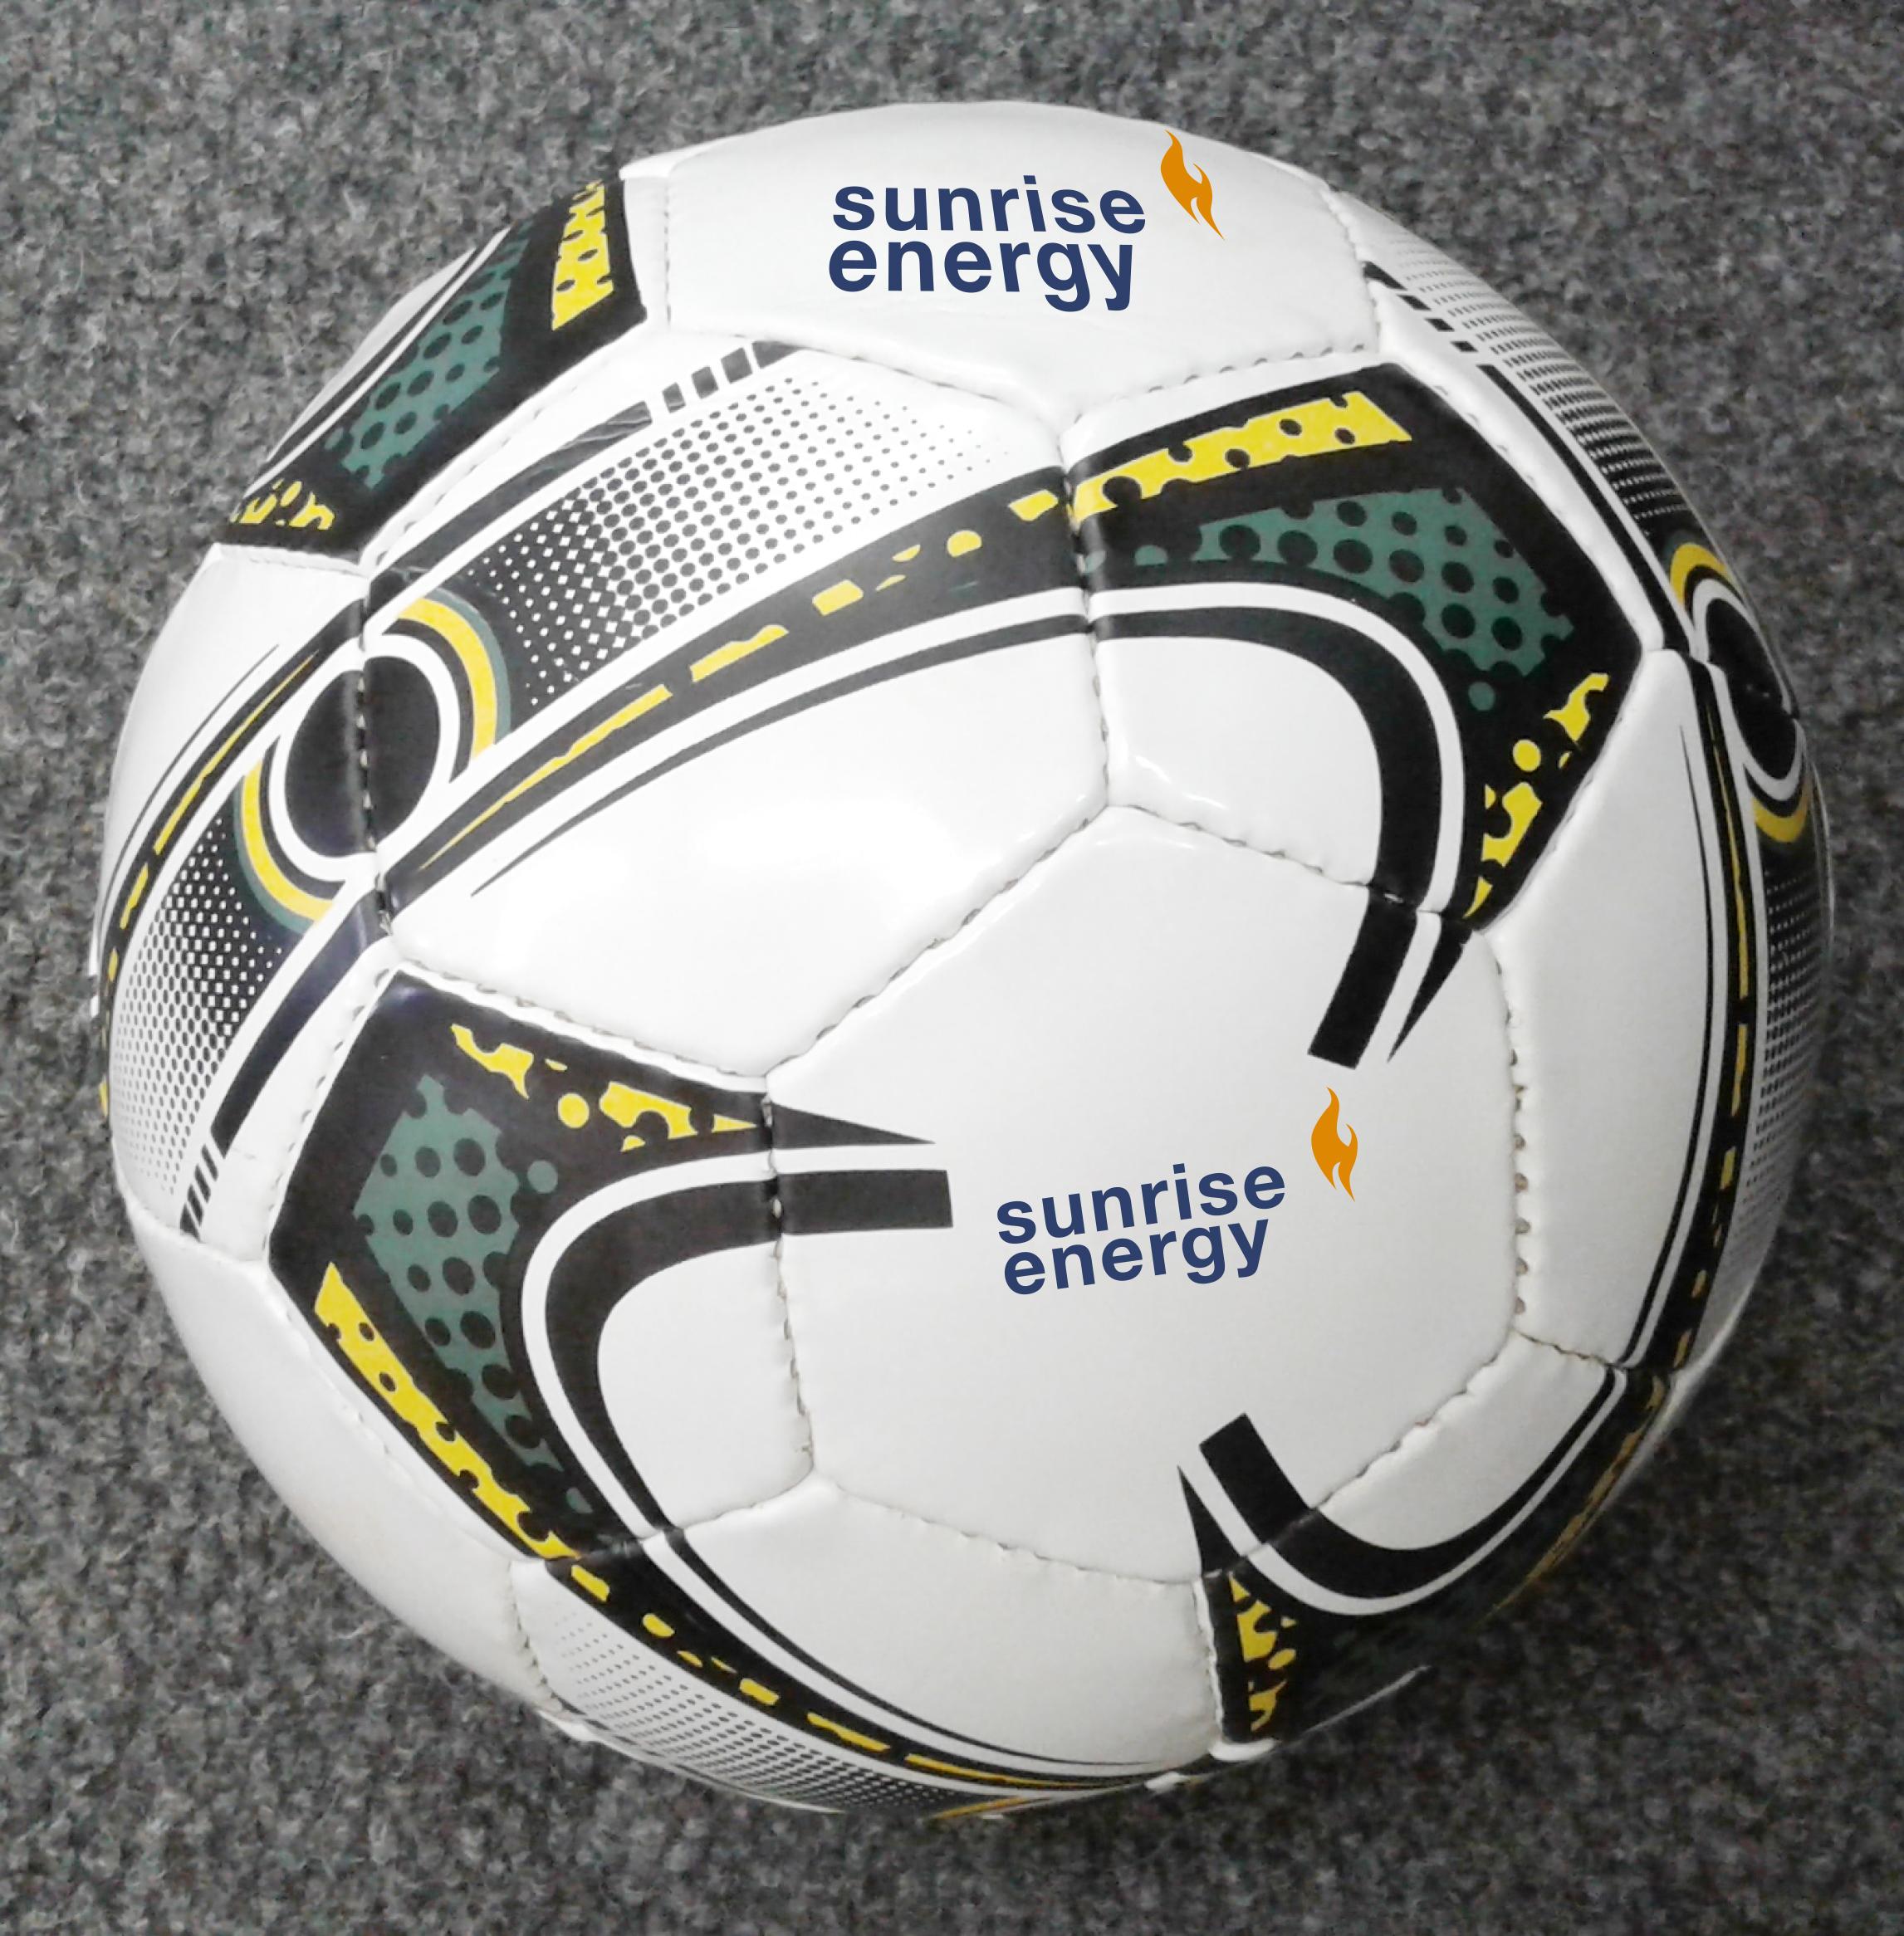 Sunrise_Energy_Soccer_Ball.jpg